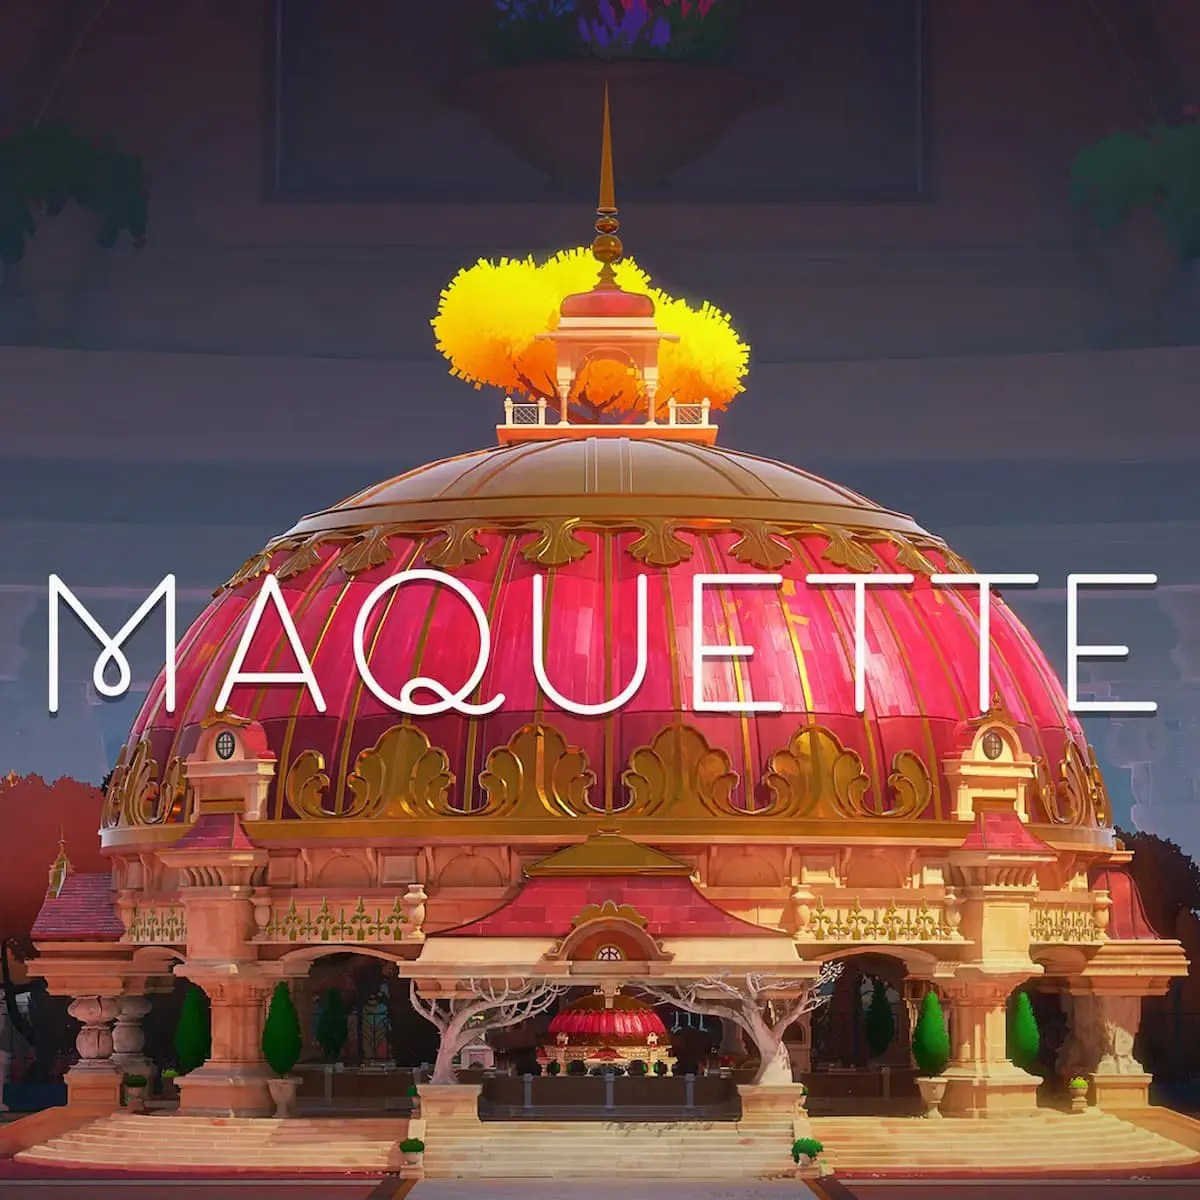 Maquette